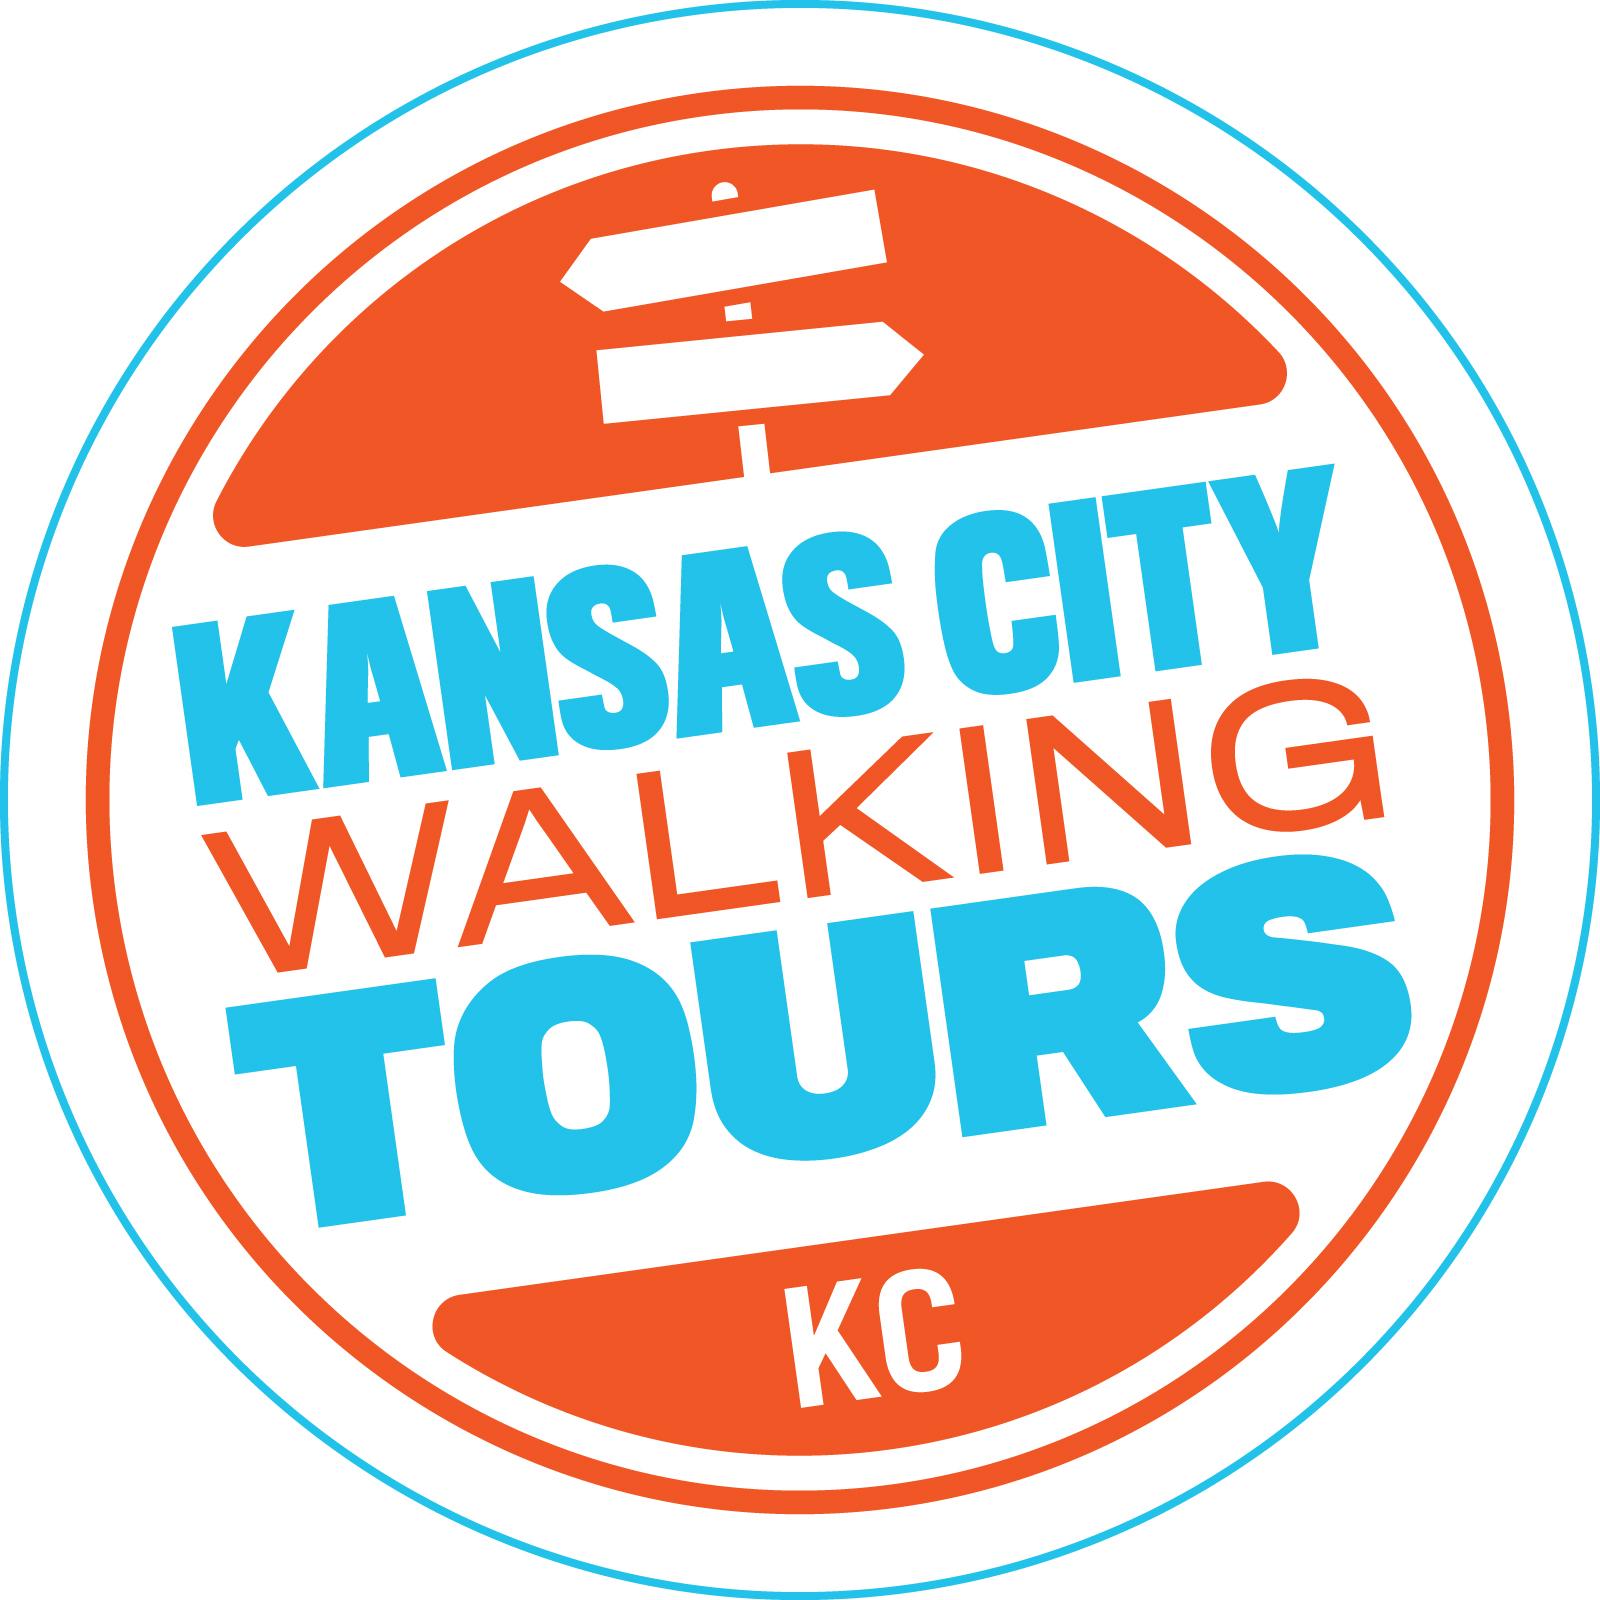 KC Walking Tours